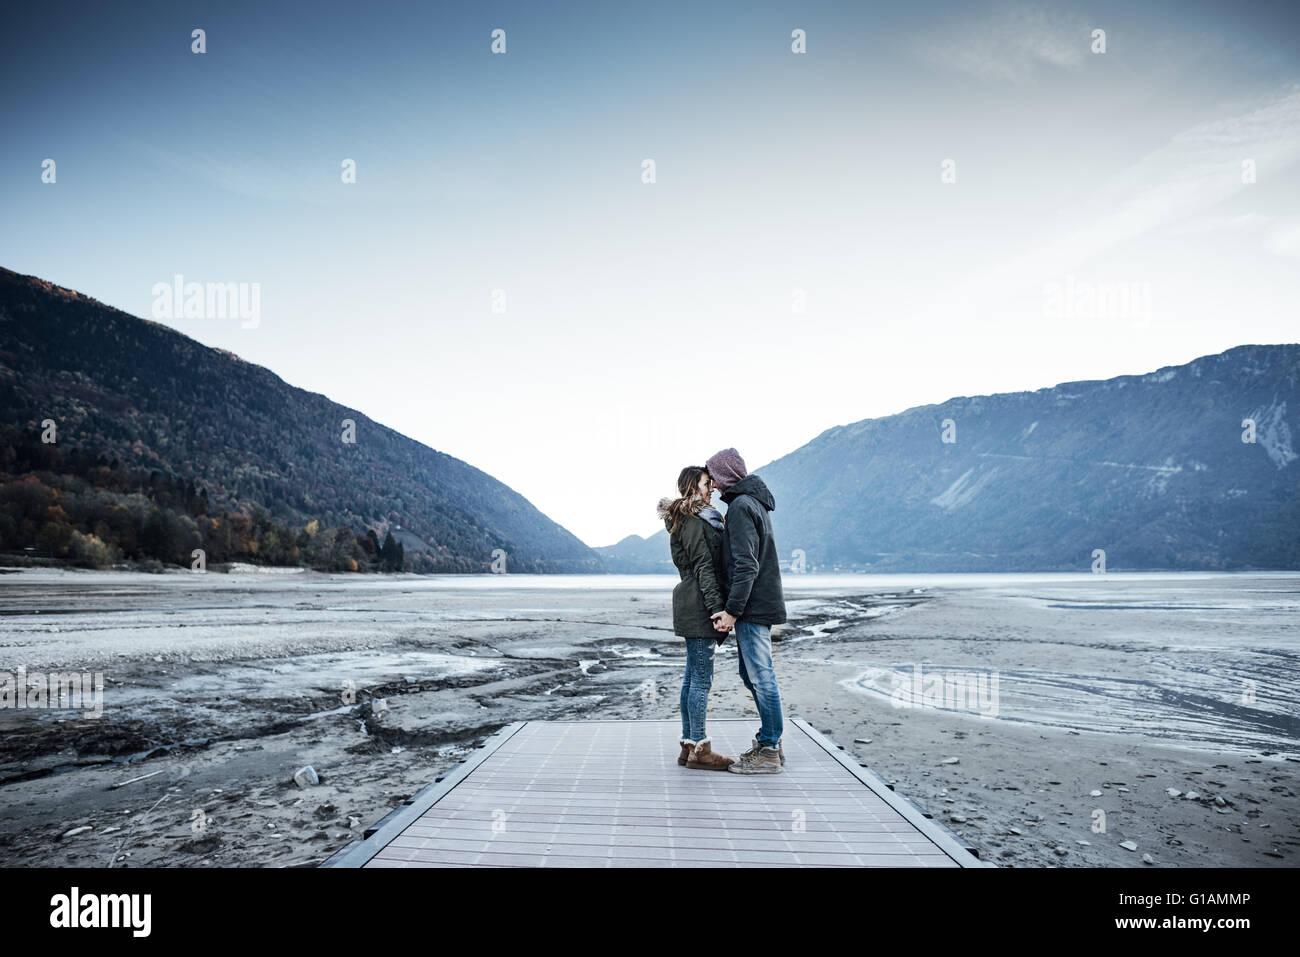 Joven pareja romántica en un muelle cogidos de la mano, el lago y las montañas al fondo Foto de stock